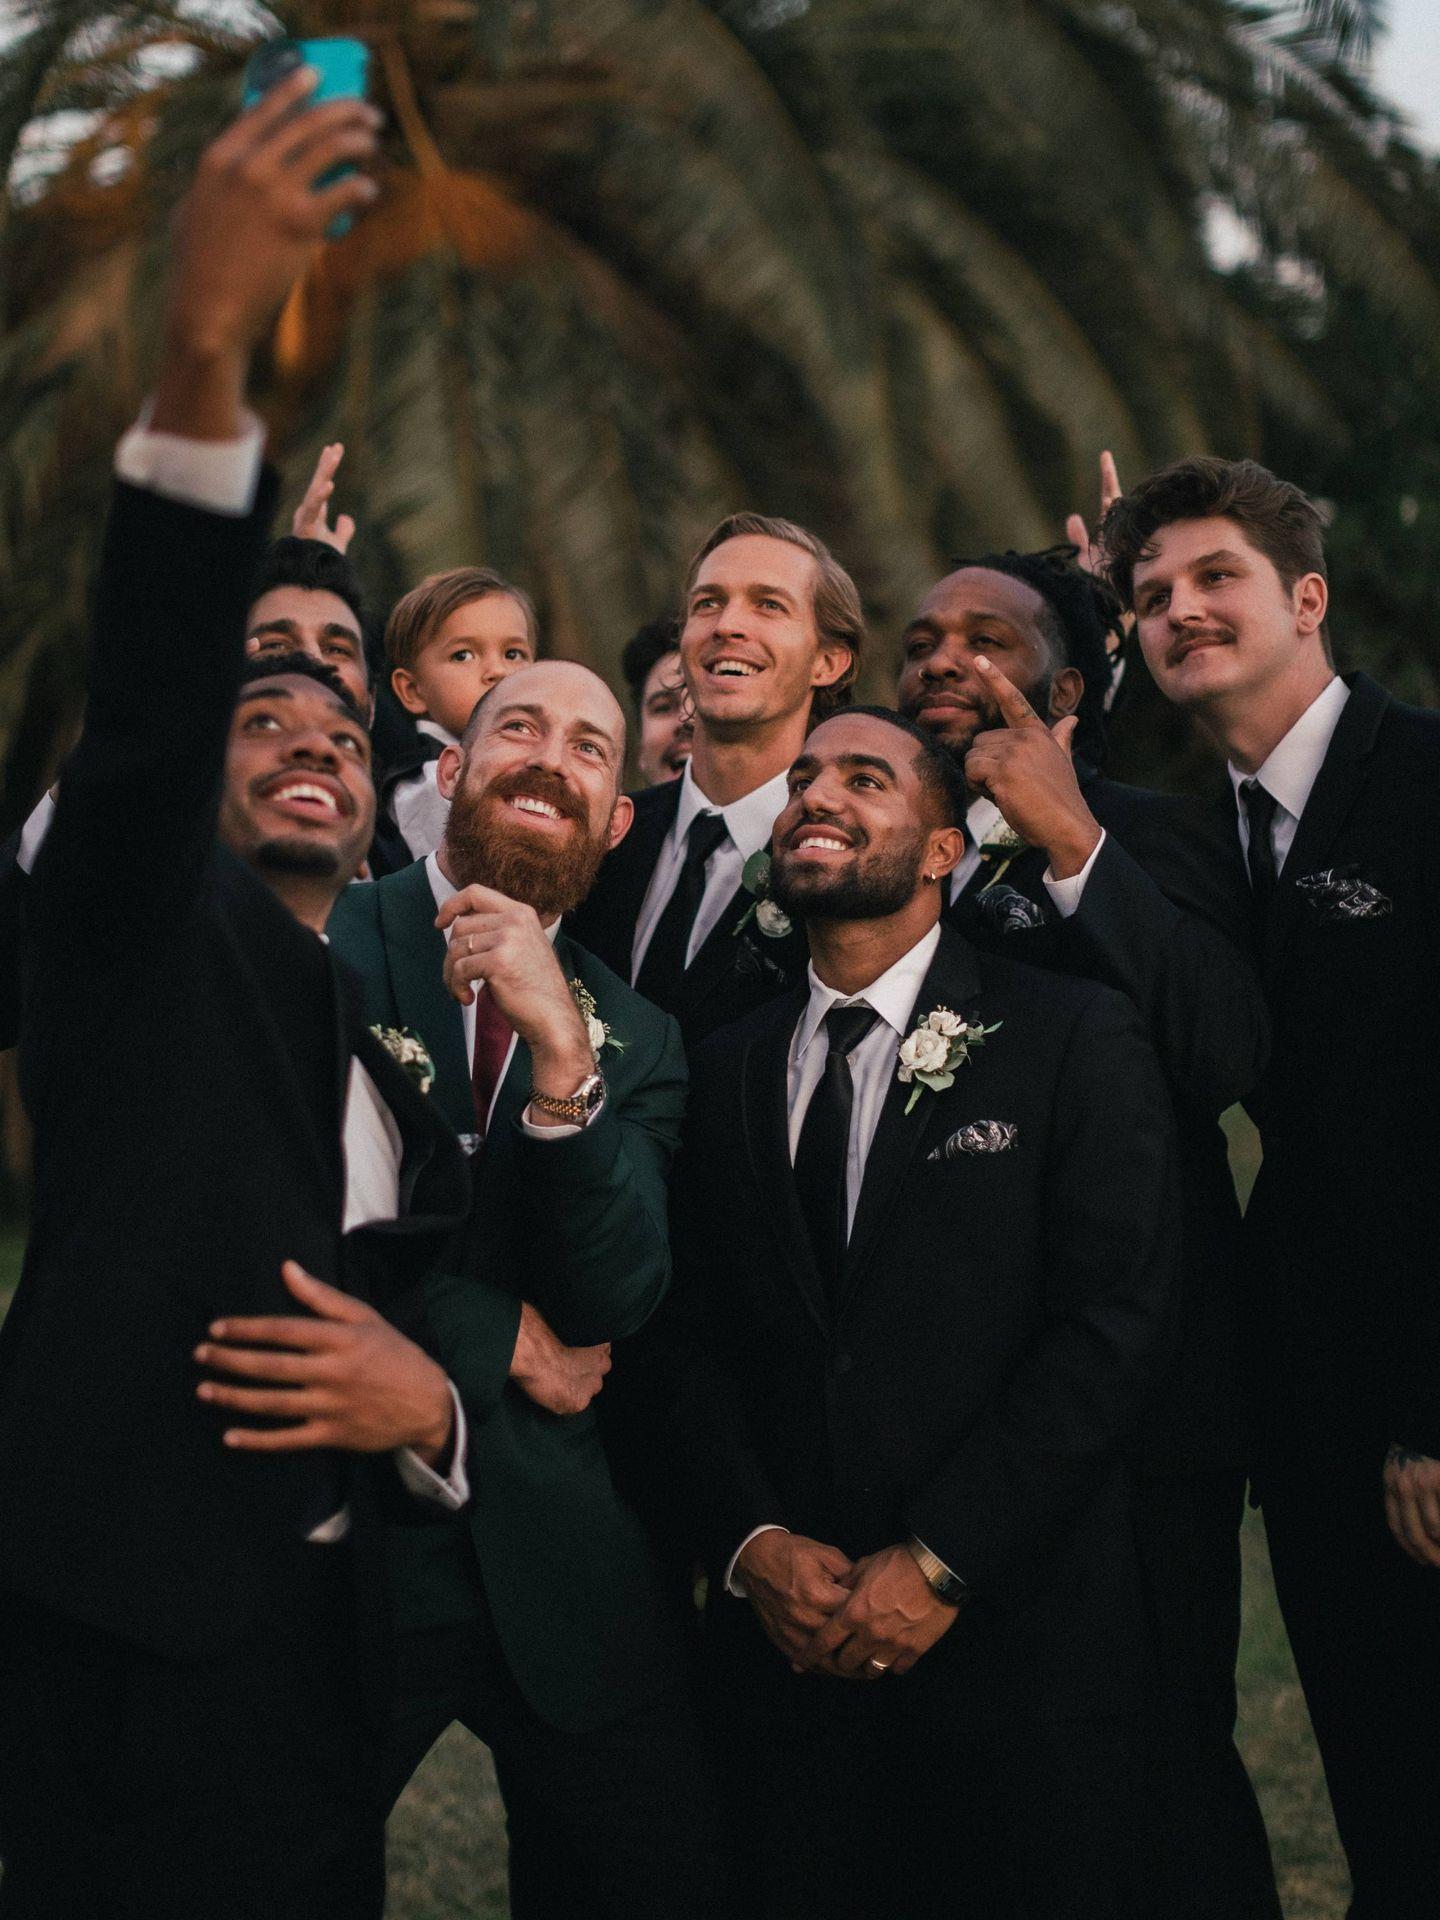 Selfie en una boda. (Fotografía de Jakob Owens para Unsplash)